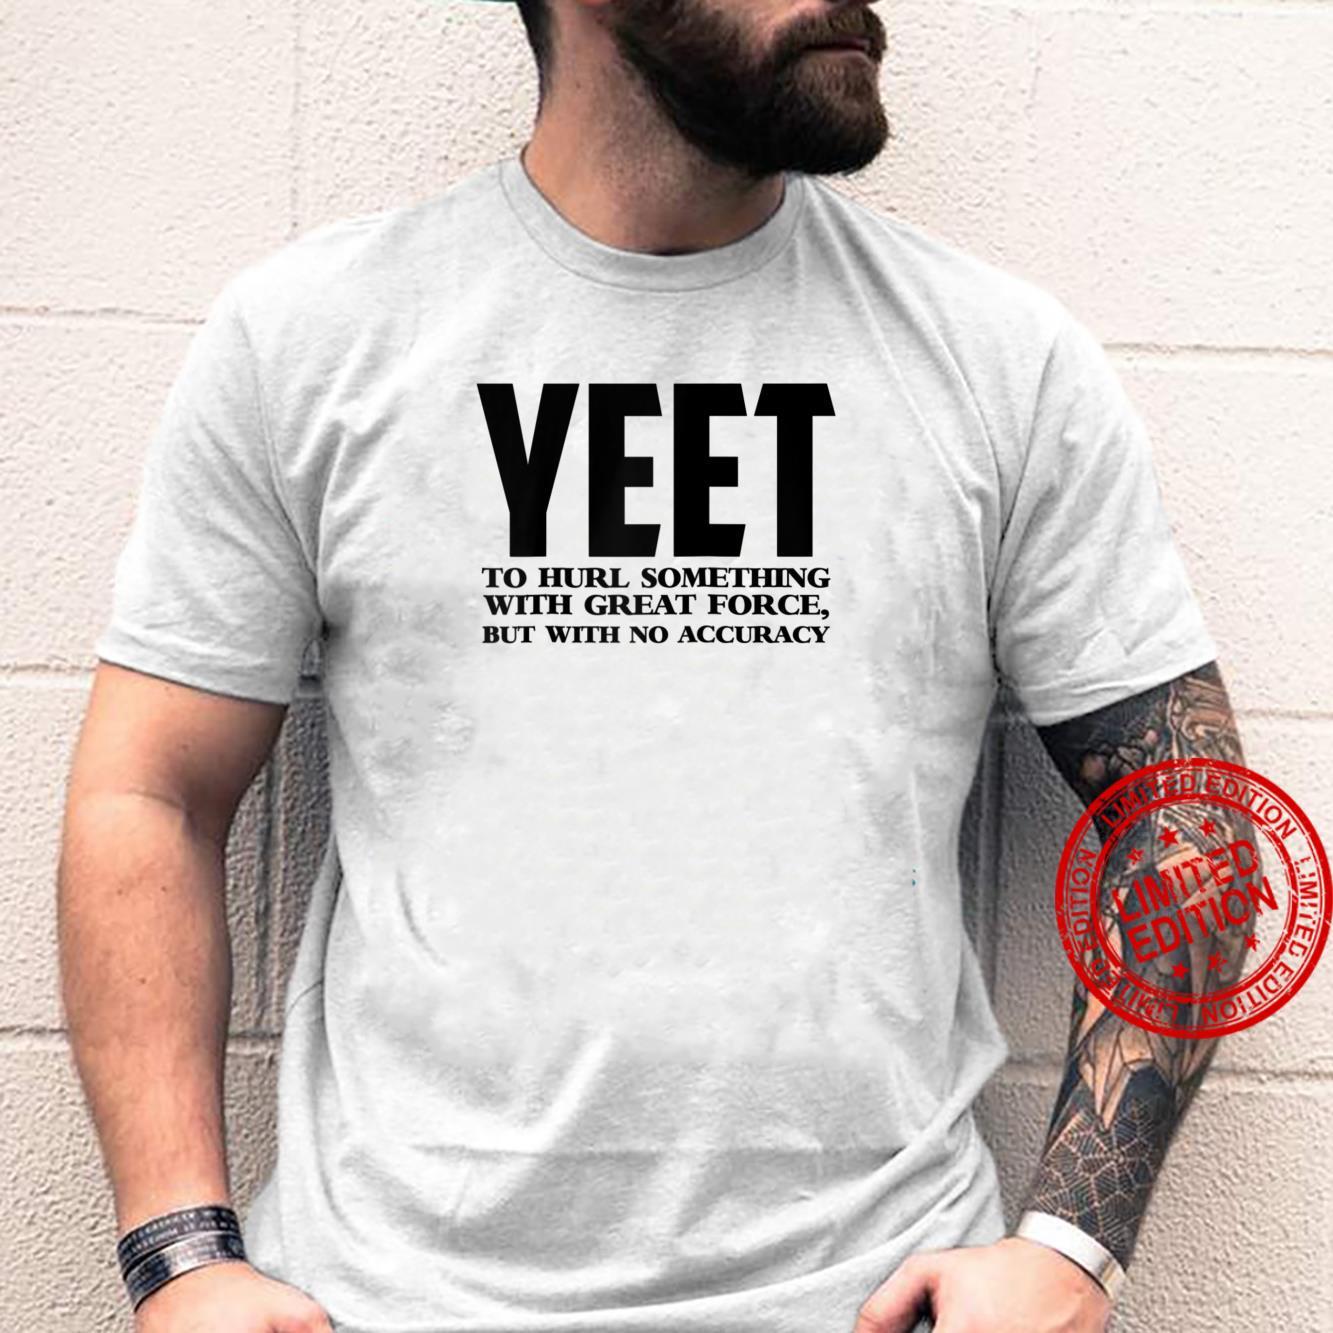 Yeet Definition Shirt